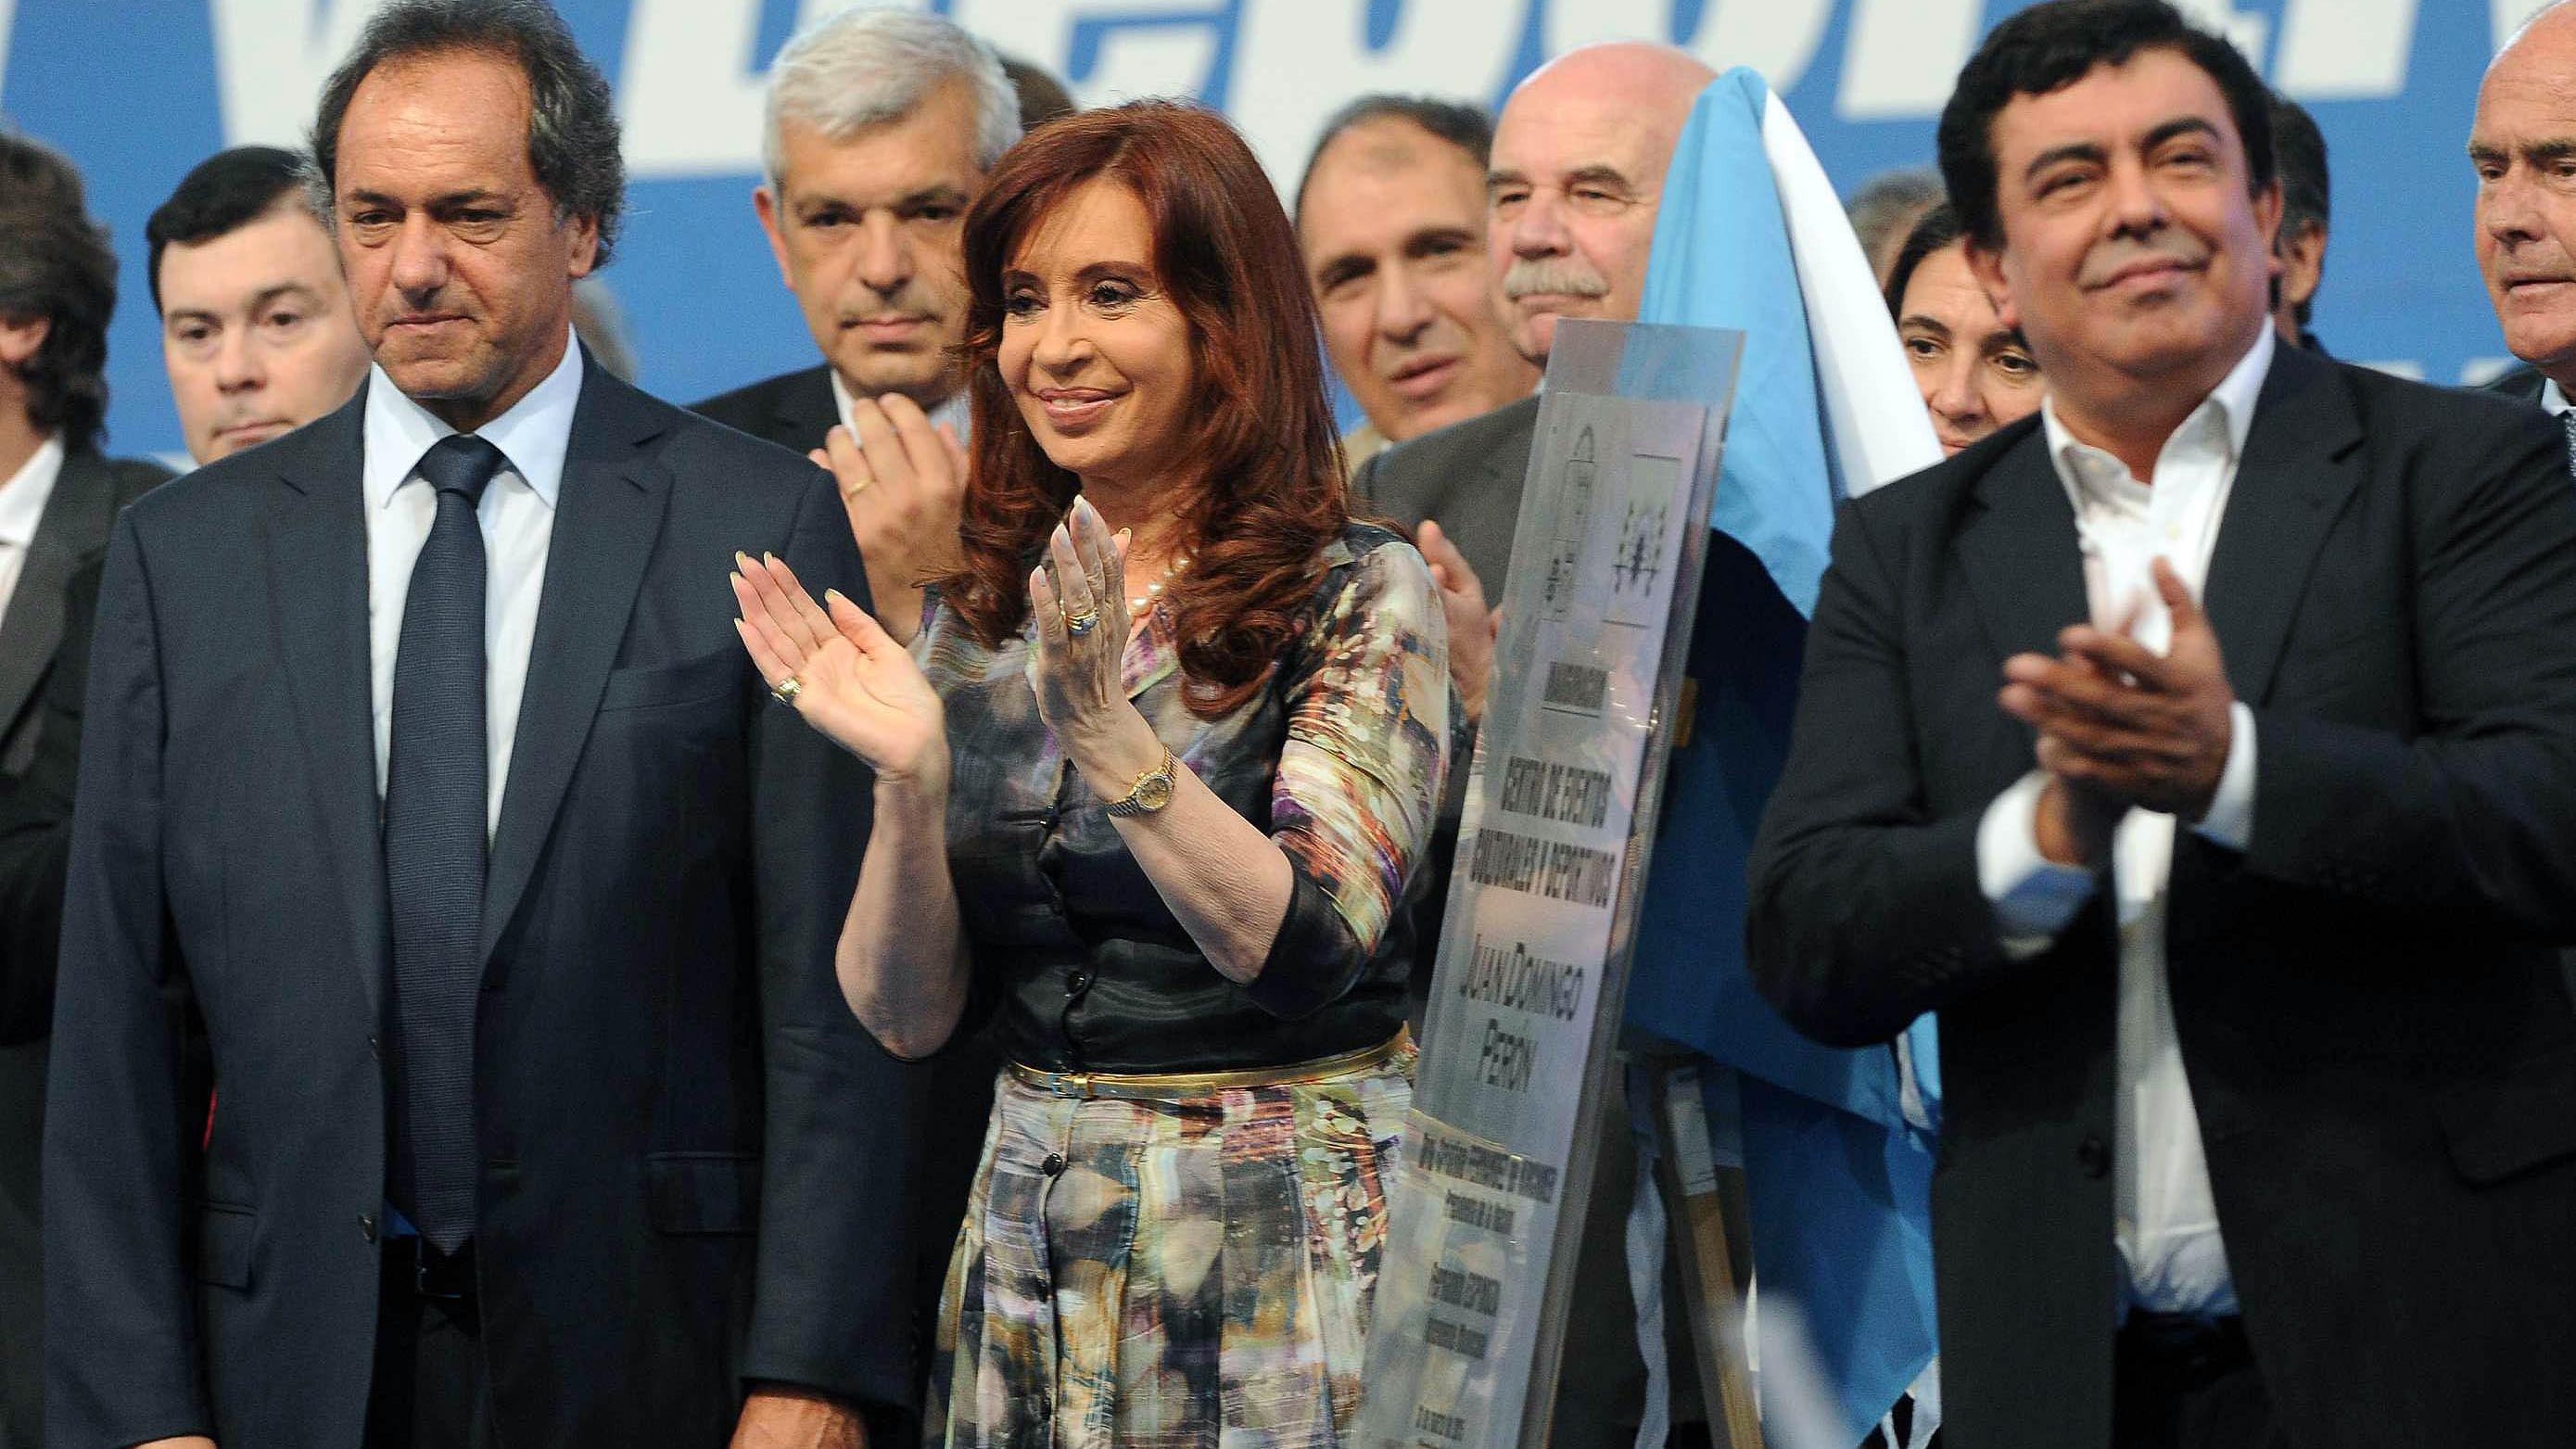 La presidenta durante el acto de inauguración de la red de agua potable en La Matanza